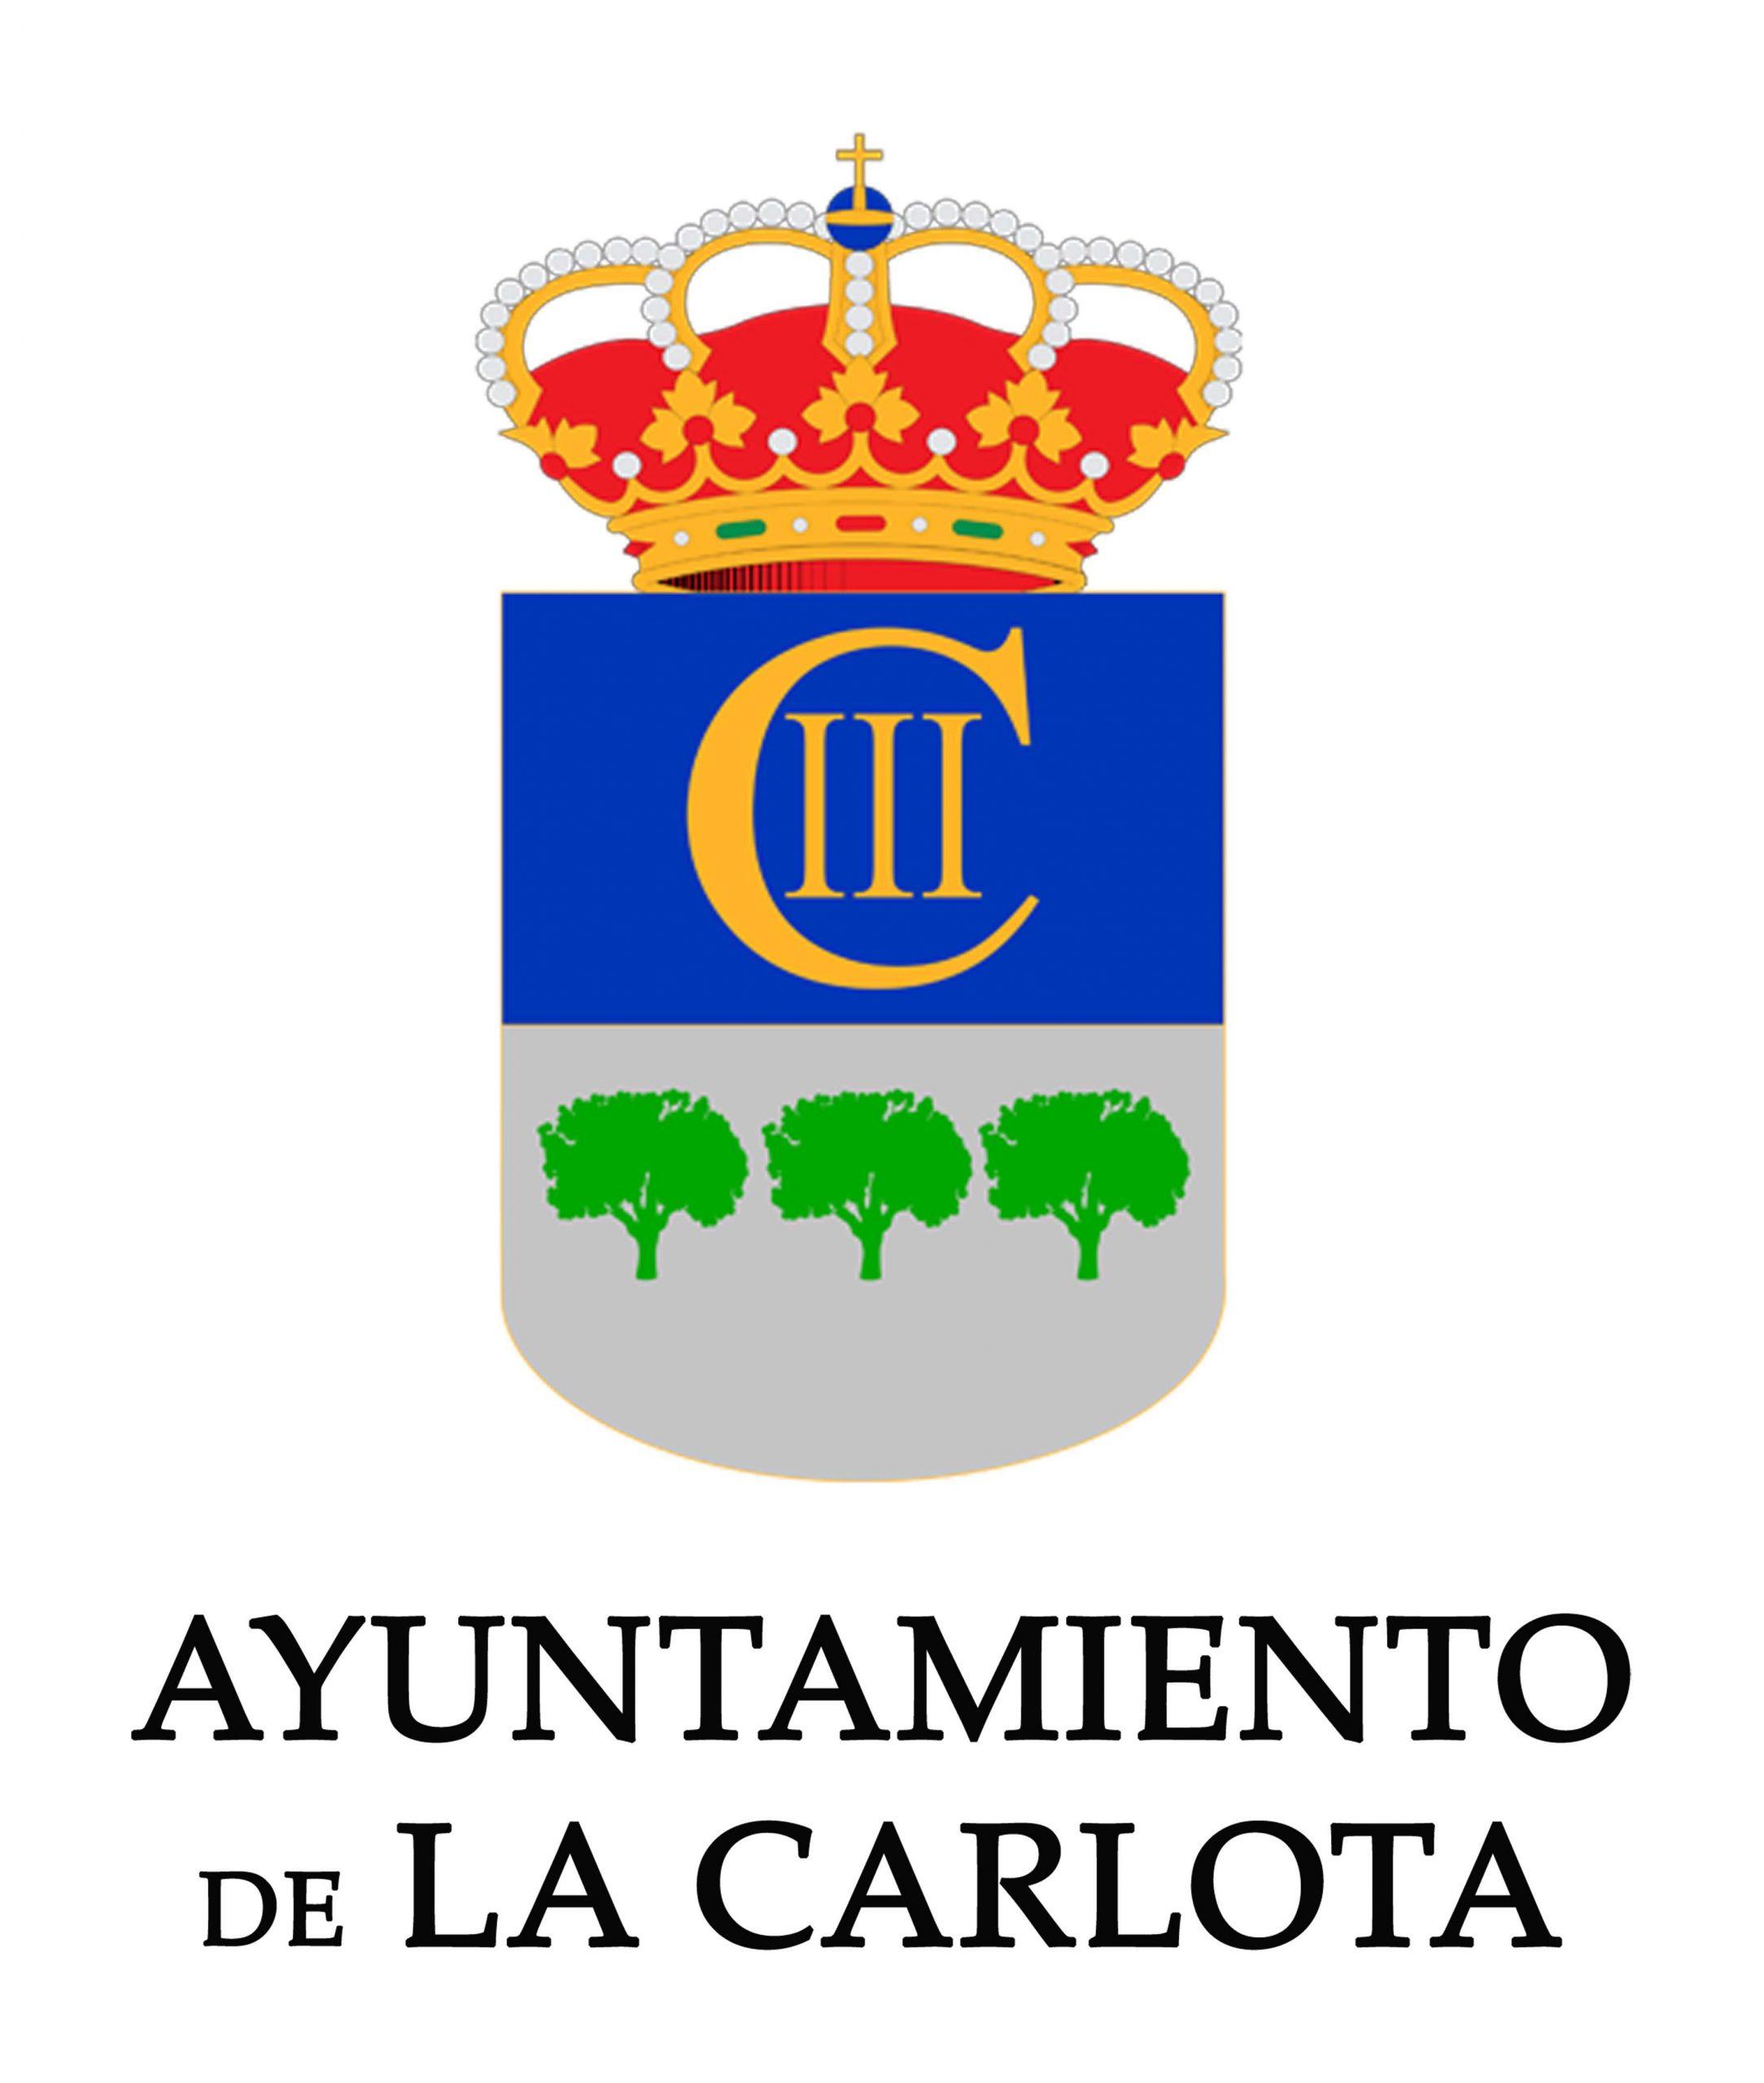 EL AYUNTAMIENTO DE LA CARLOTA TIENE CONOCIMIENTO DE UN CASO POSITIVO DE COVID-19 EN LA LOCALIDAD 1